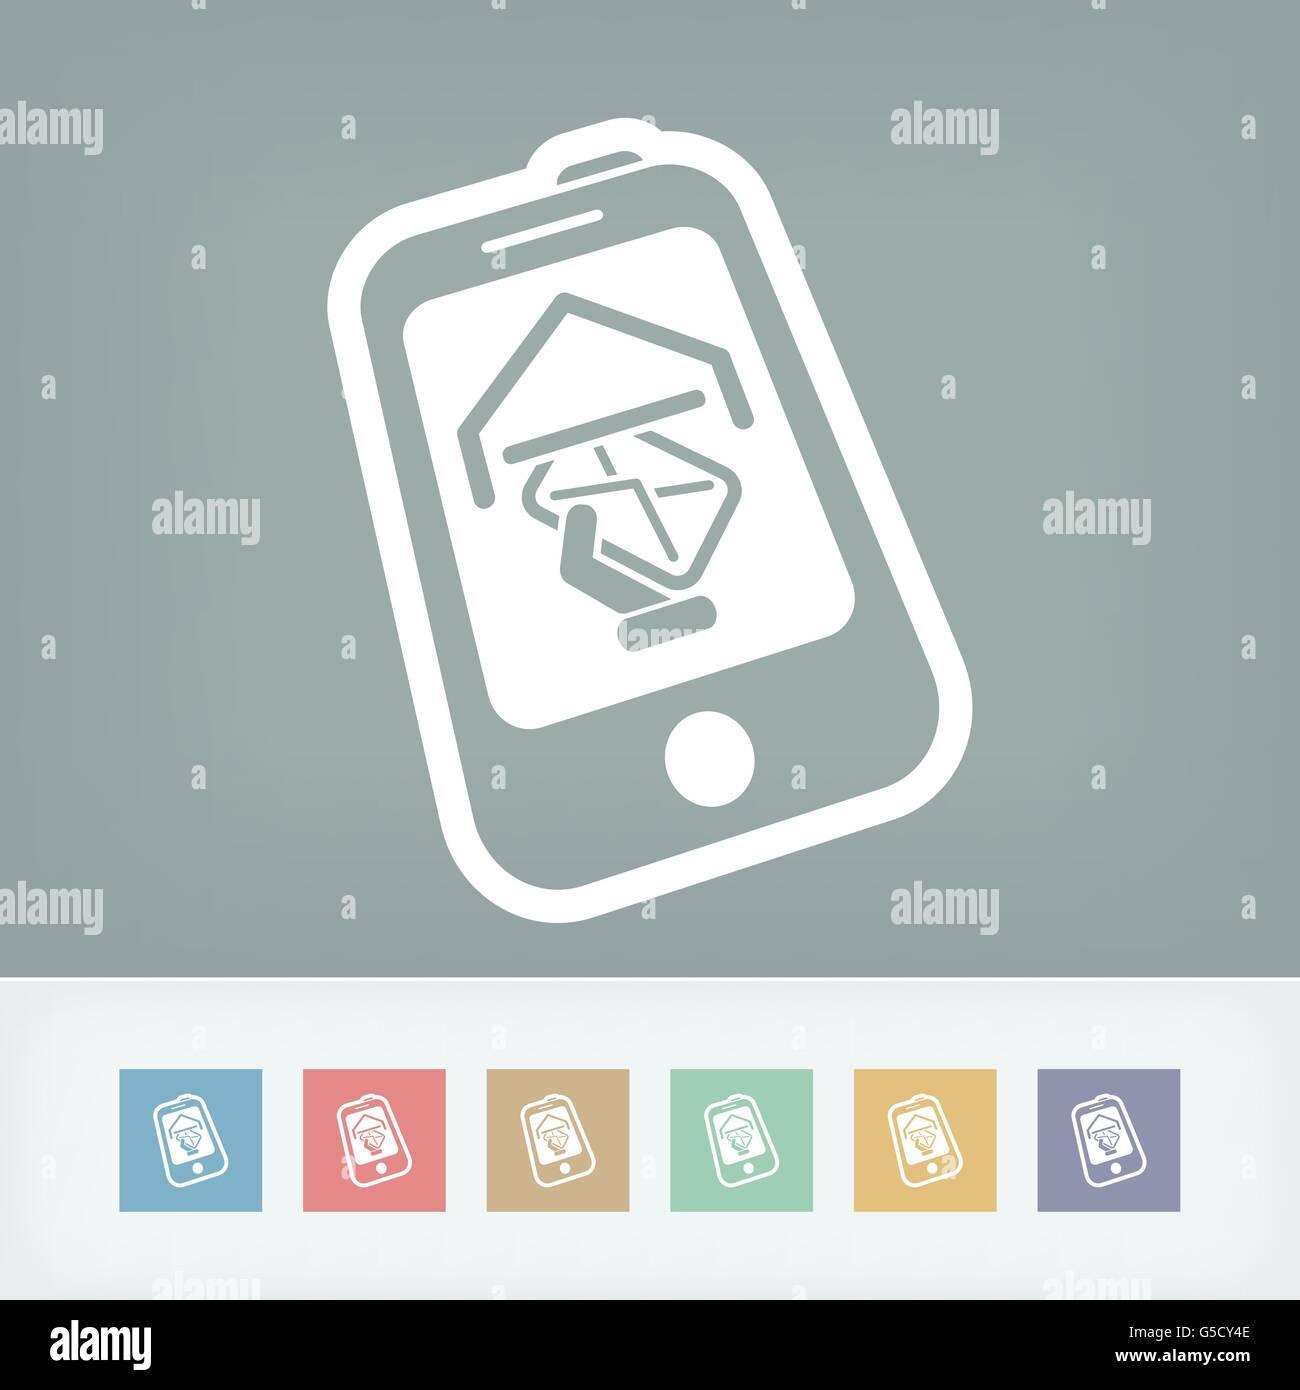 Smartphone e-mail icon - Stock Image